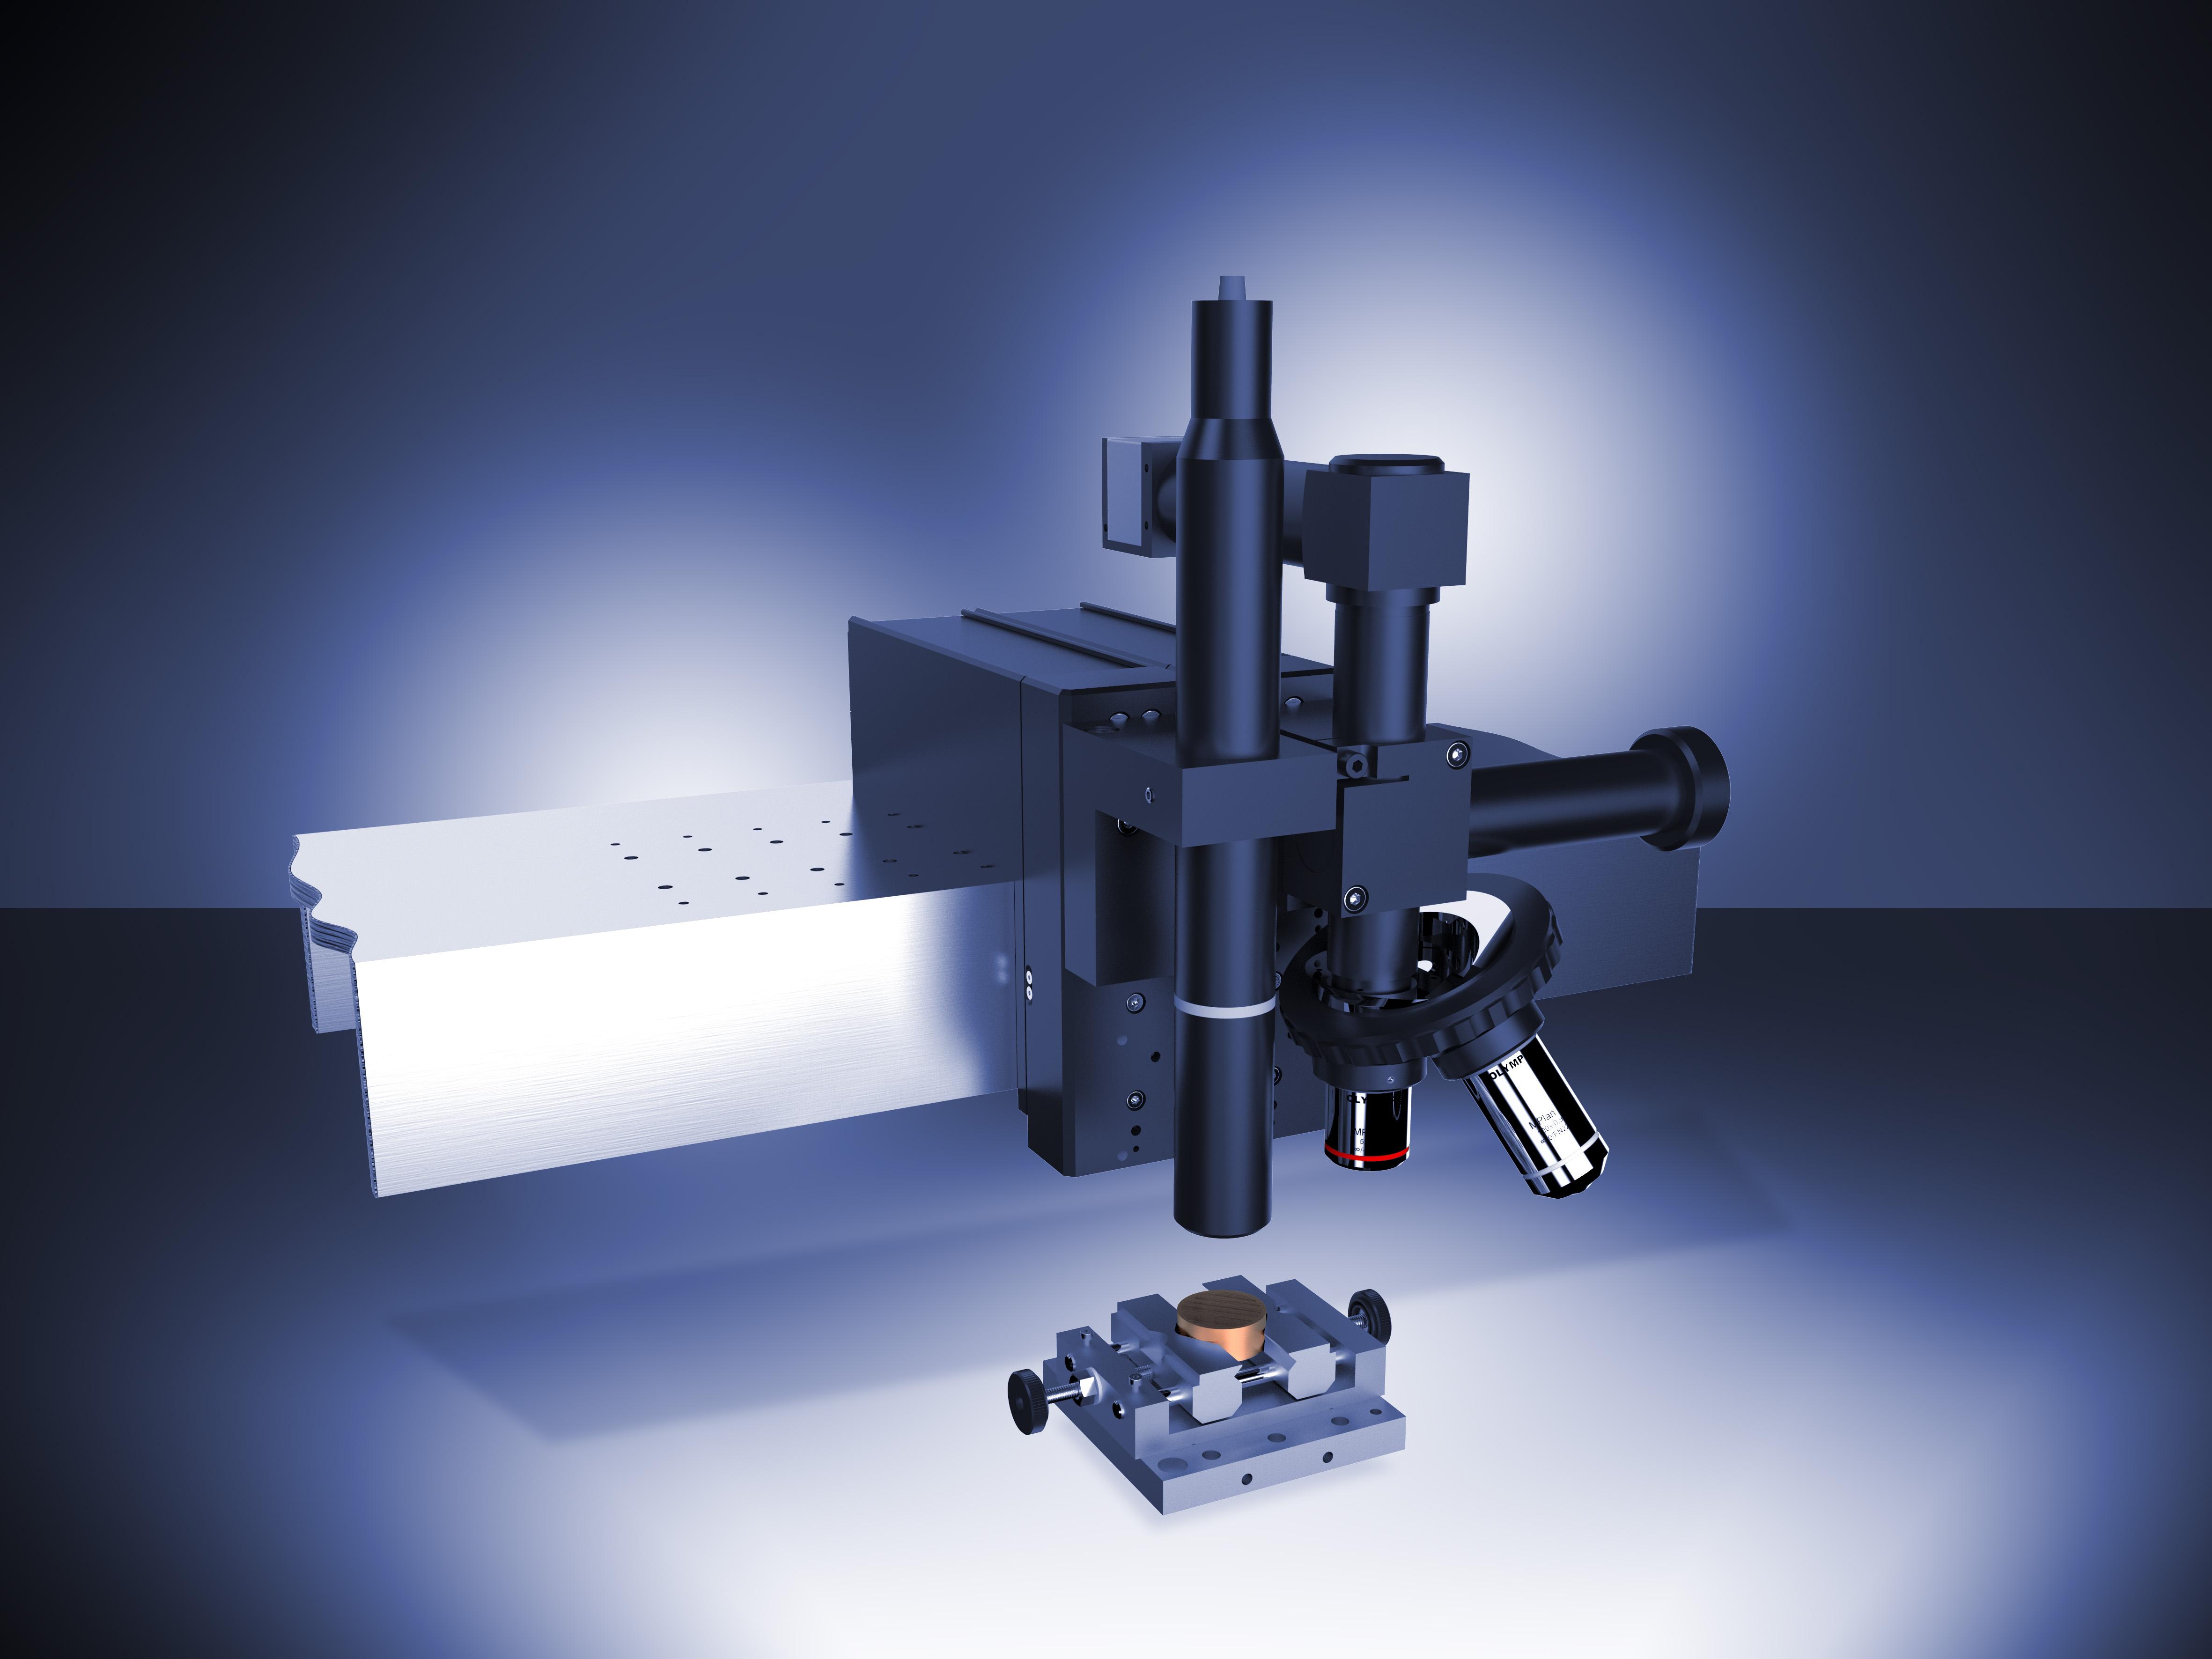 Конфокальный профилометр ConScan на балке Платформы с Видеомикроскопом